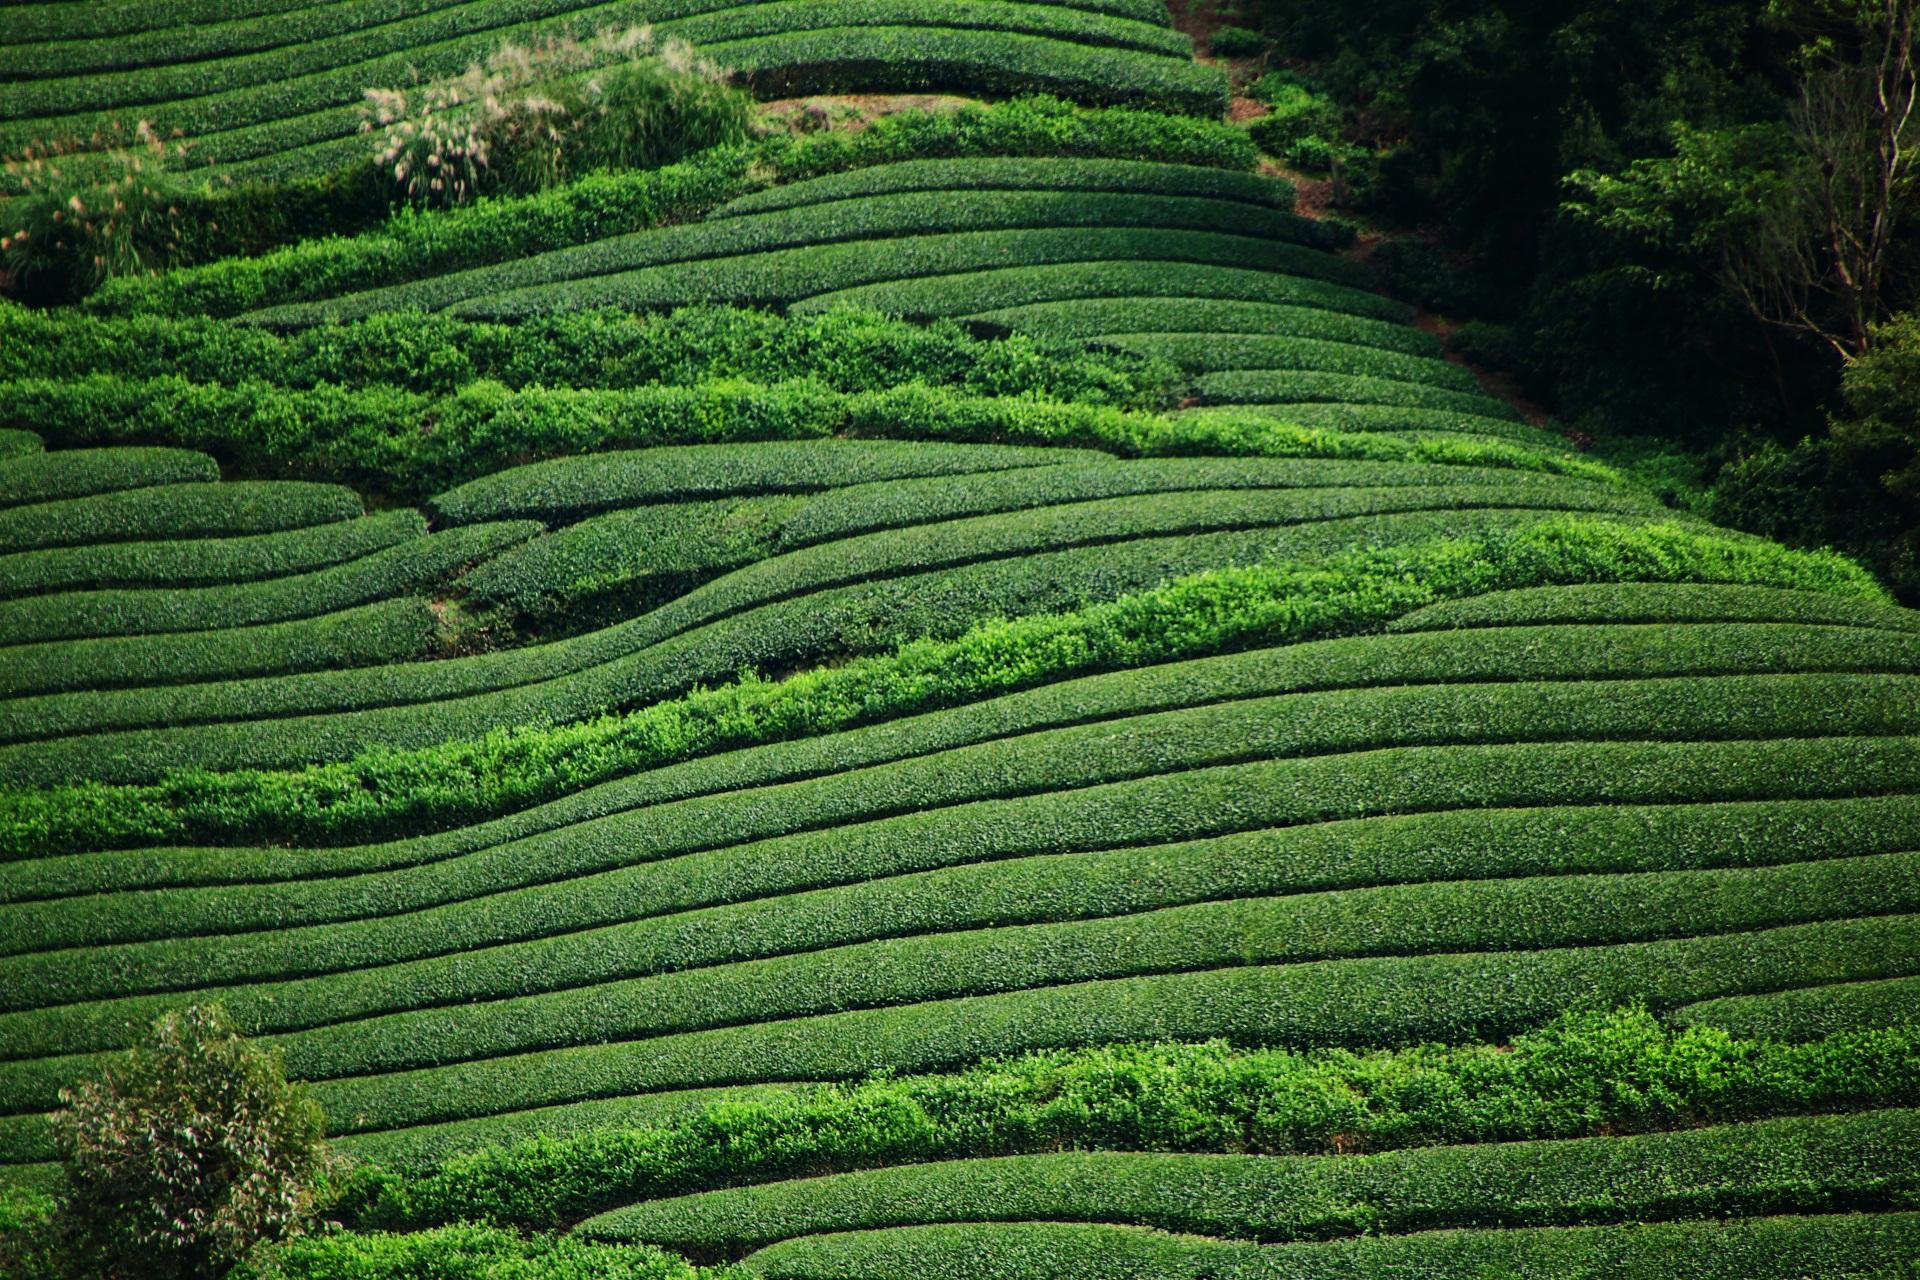 和束町の石寺の滑らかに波打つ見事なお茶畑